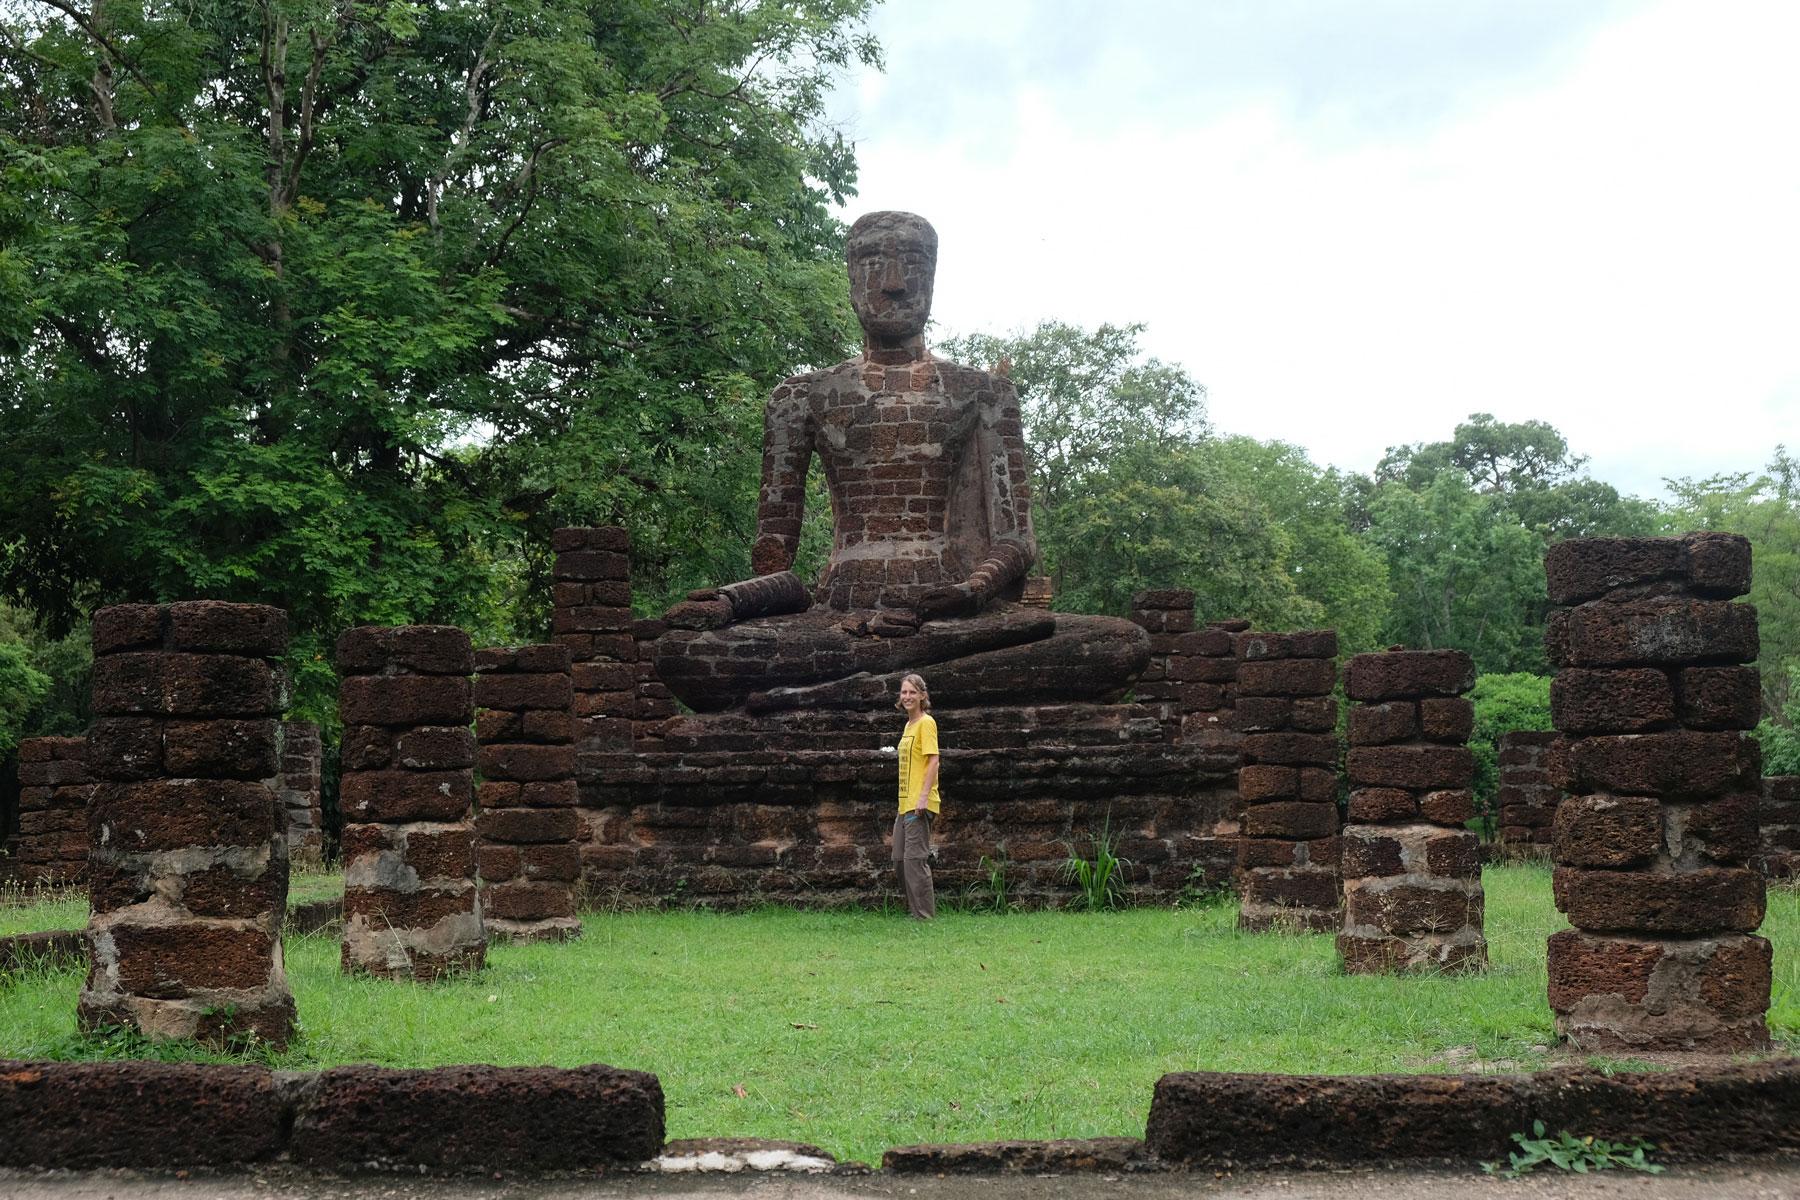 Leo steht in Kamphaeng Phet vor einer großen sitzenden Buddhastatue aus Stein.